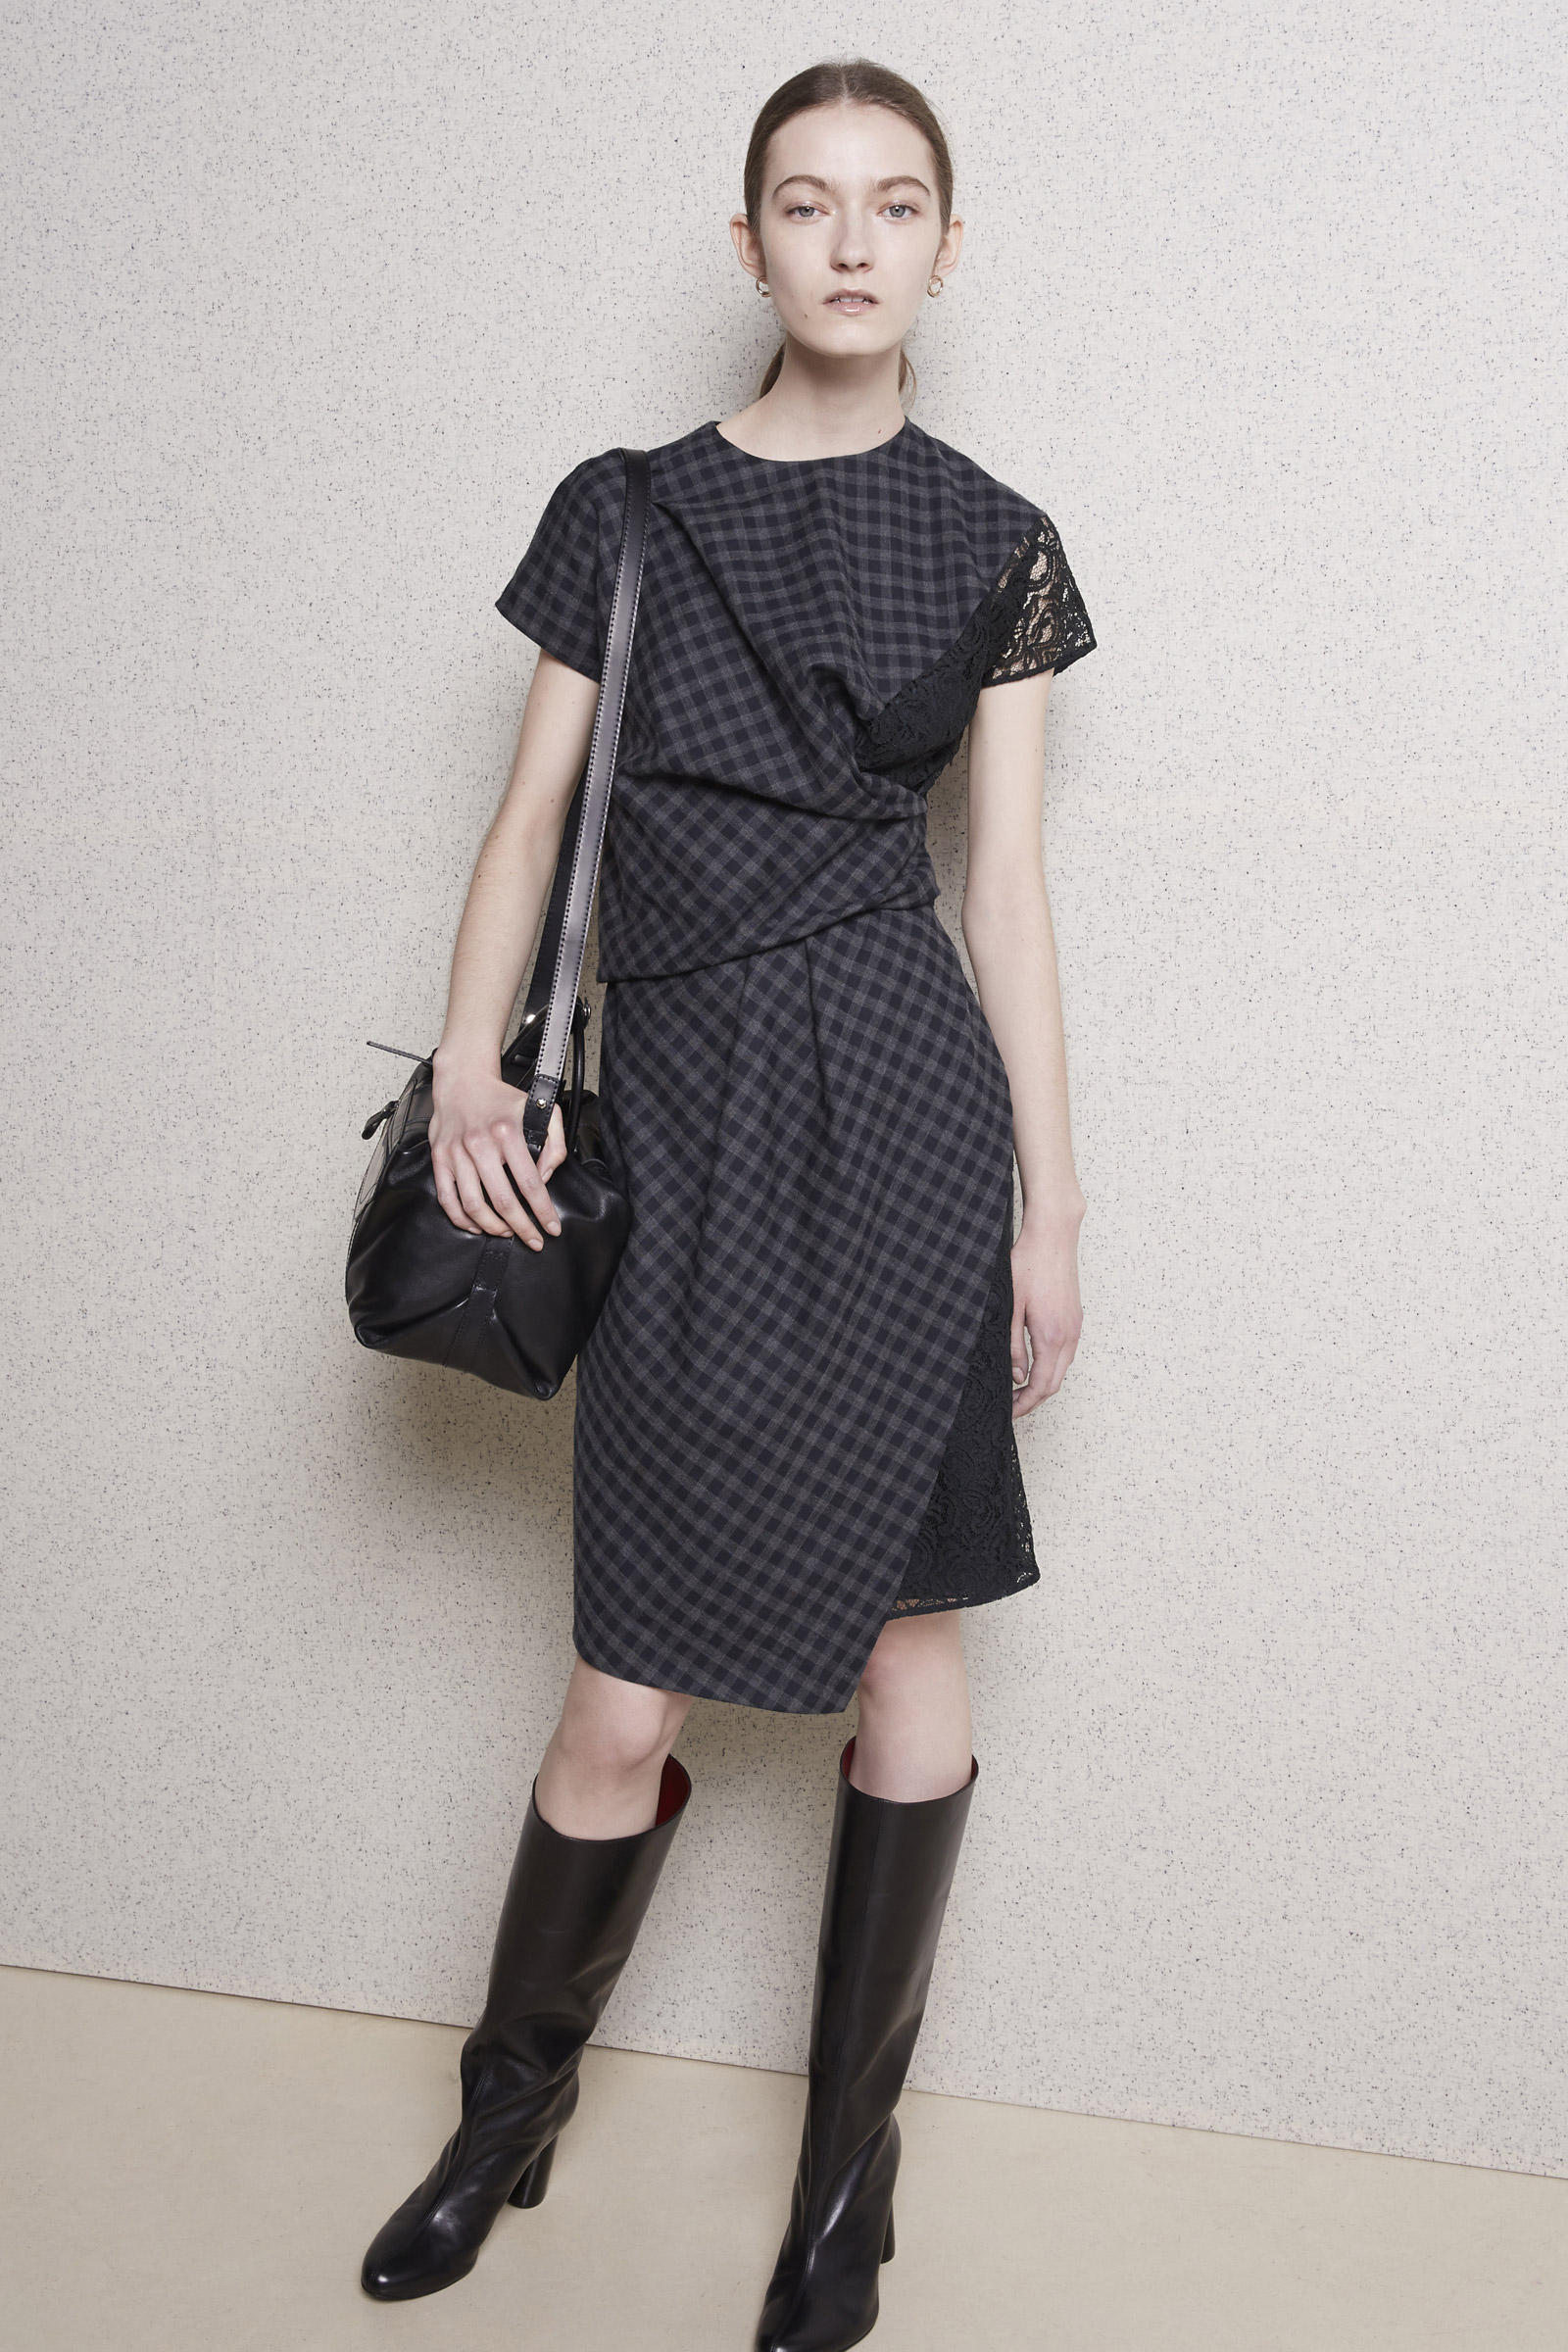 Lace dress 6 element